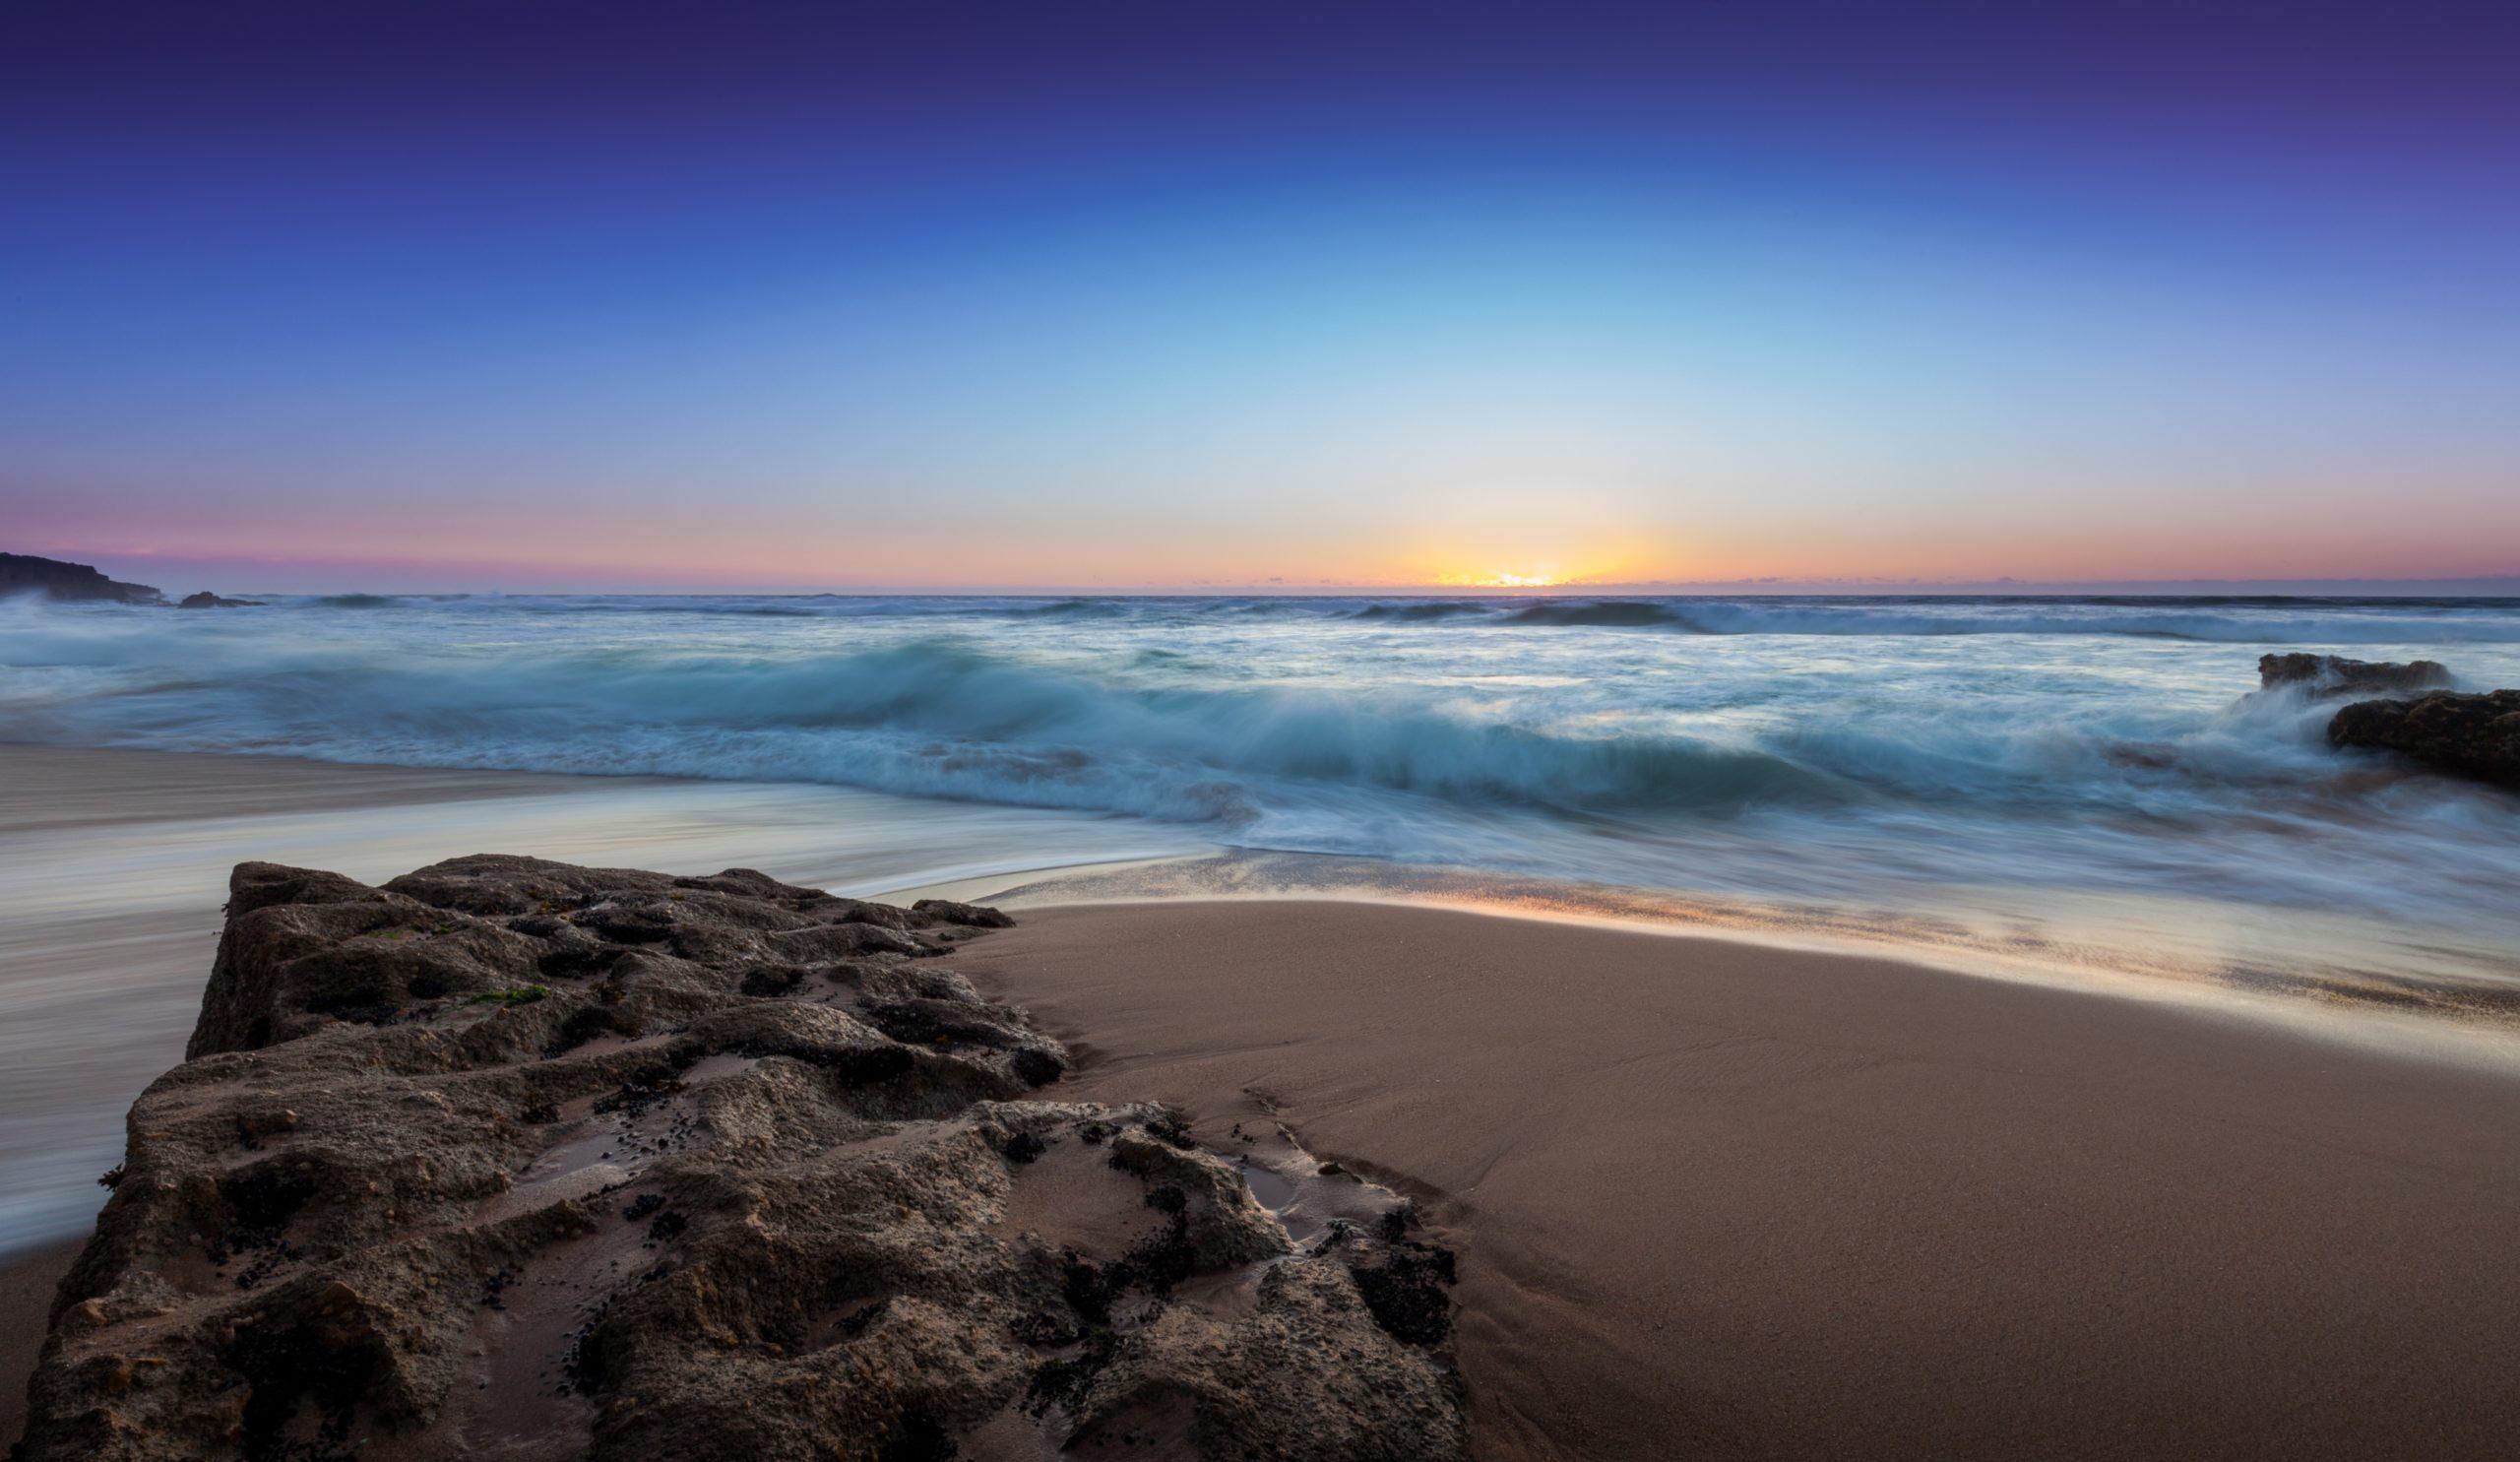 Blick vom Strand übers Meer auf den Horizont mit untergehender Sonne als Symbol für Entspannung